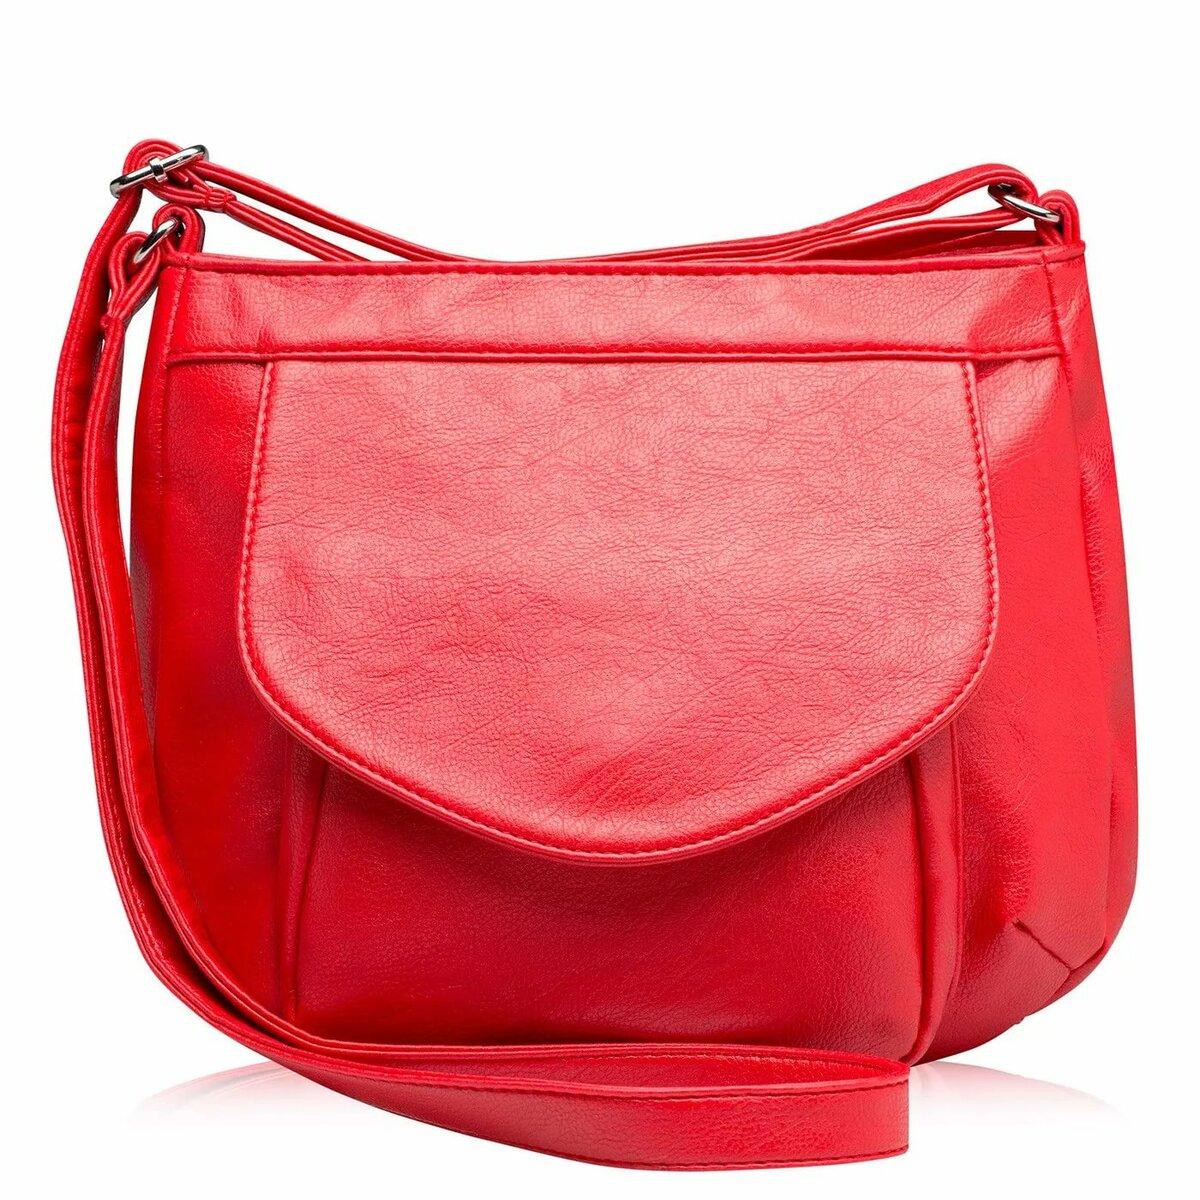 Картинки маленьких красных сумочек